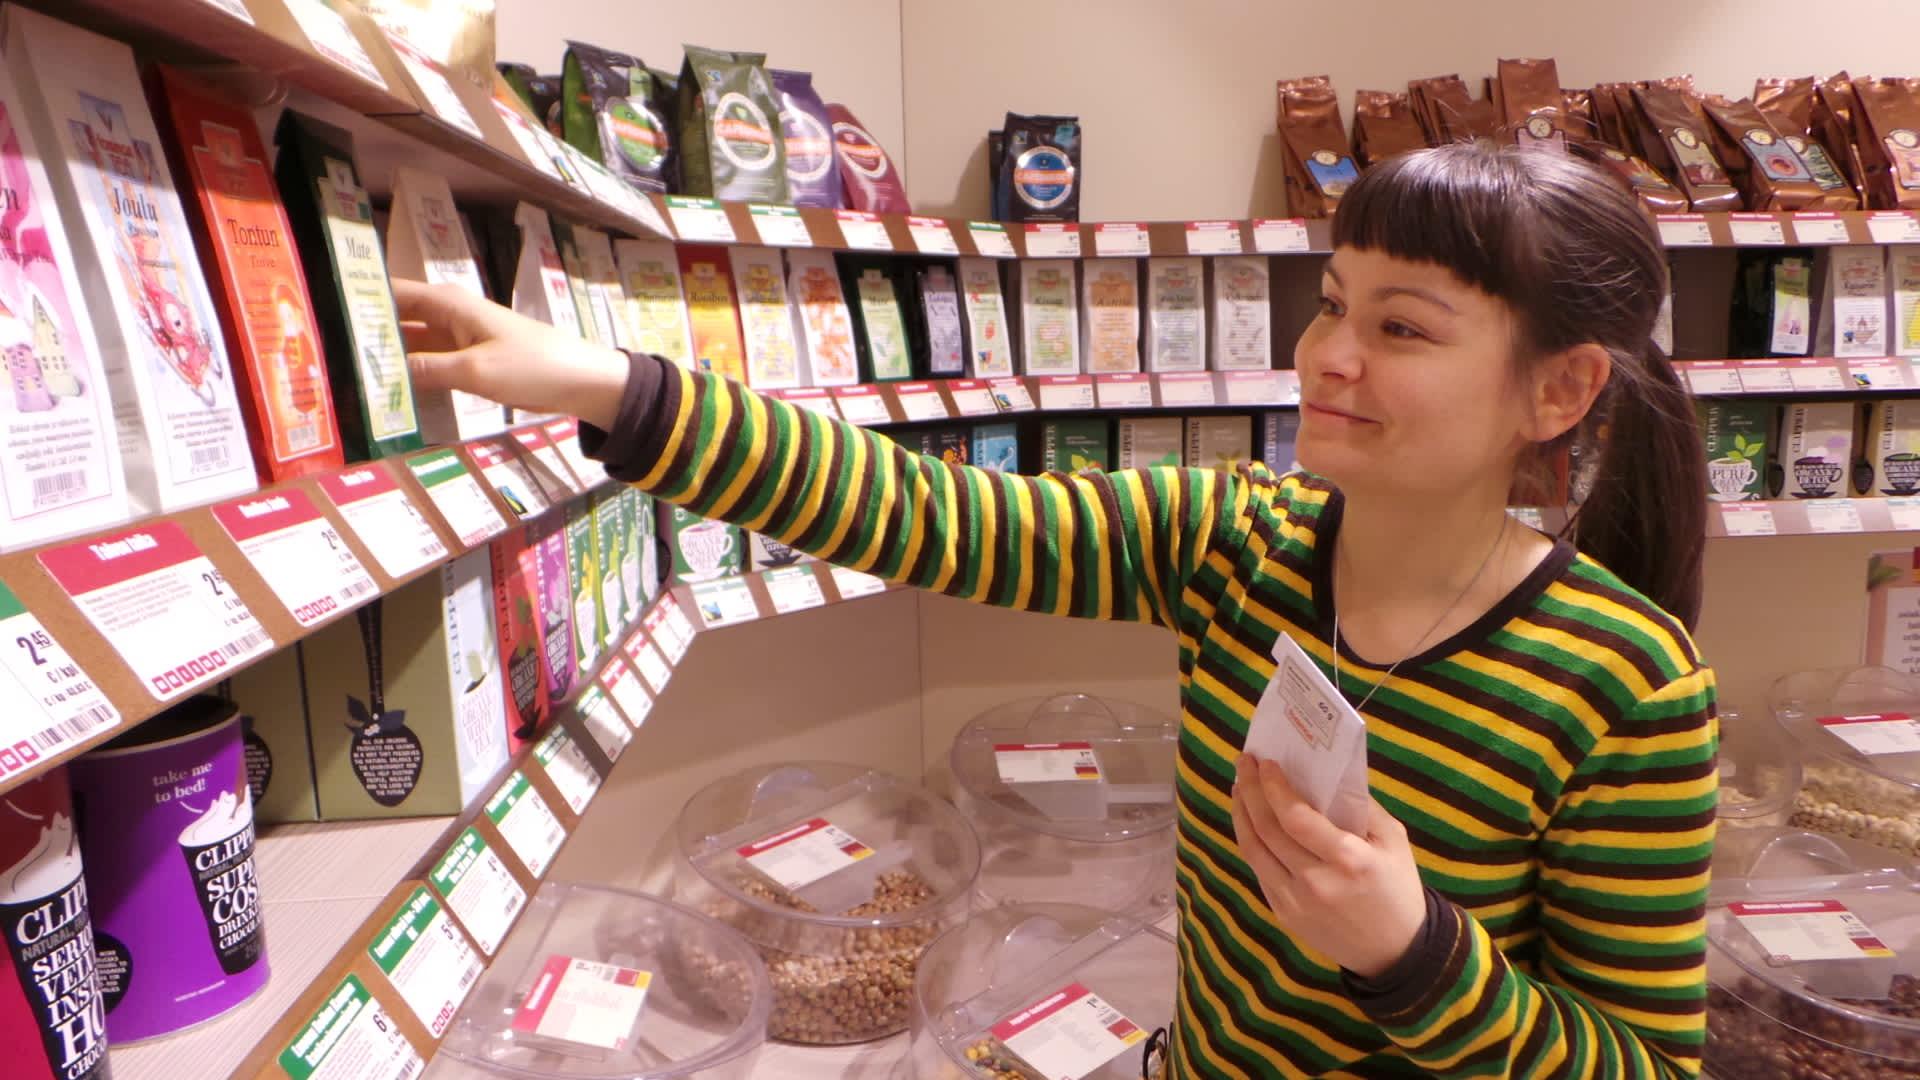 Myyjä laittaa teepakkauksia hyllyyn.